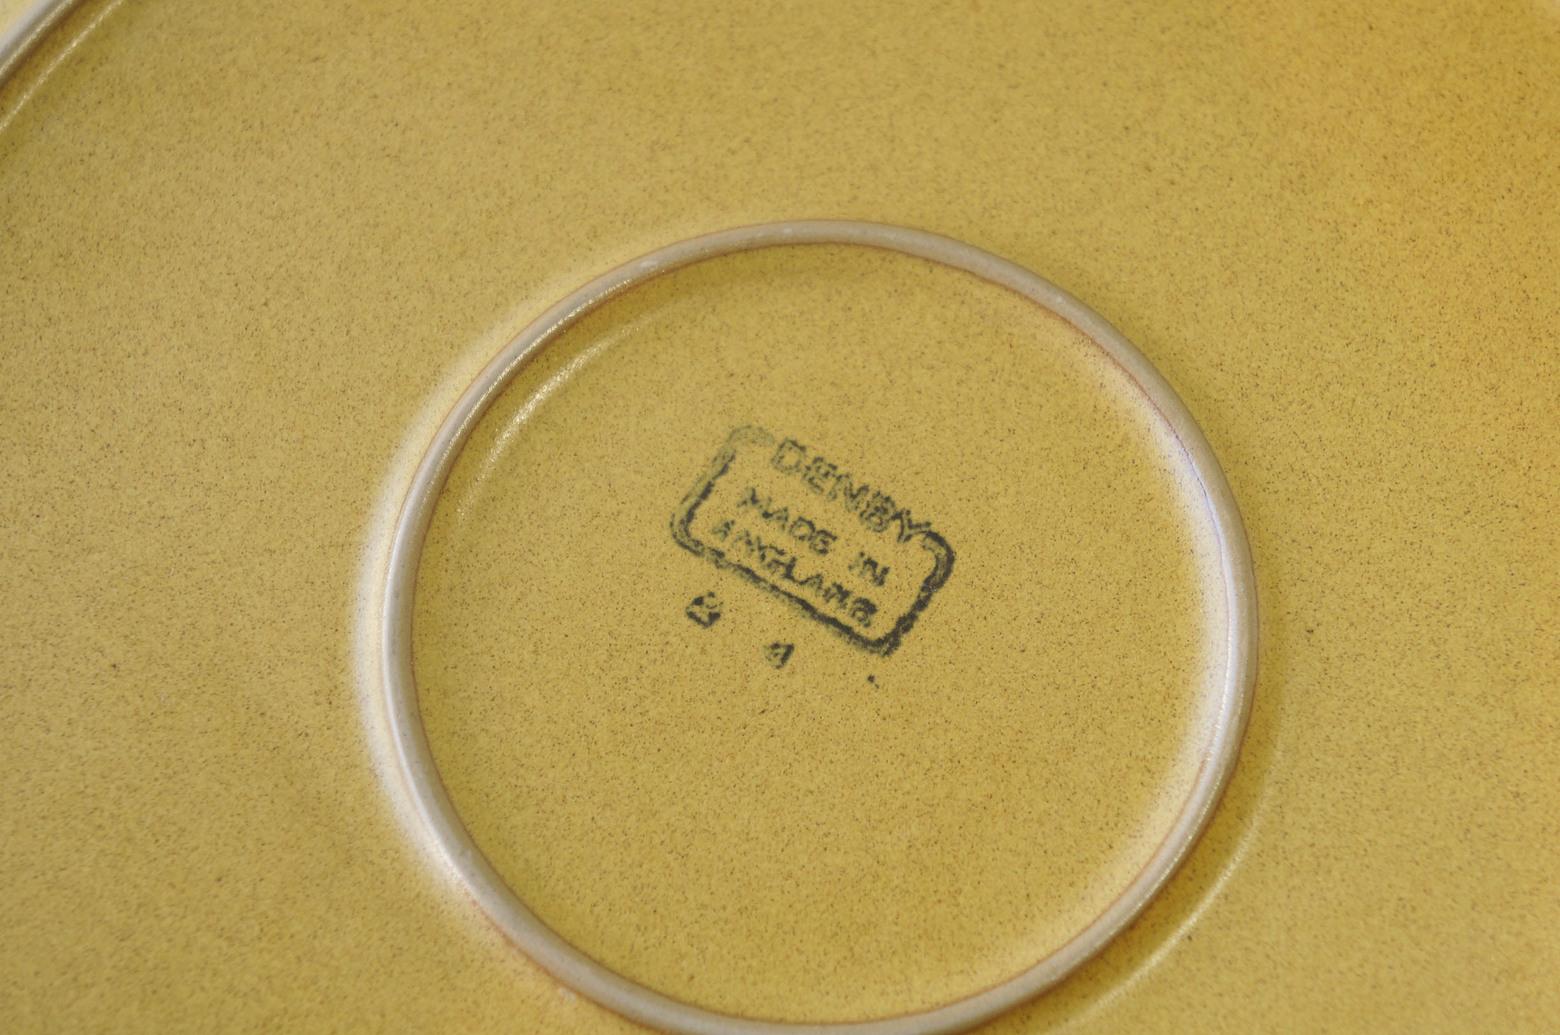 UK Vintage Denby ODE Plate Large/イギリスヴィンテージ デンビー オード プレート 皿 ストーンウェア 食器 大 1